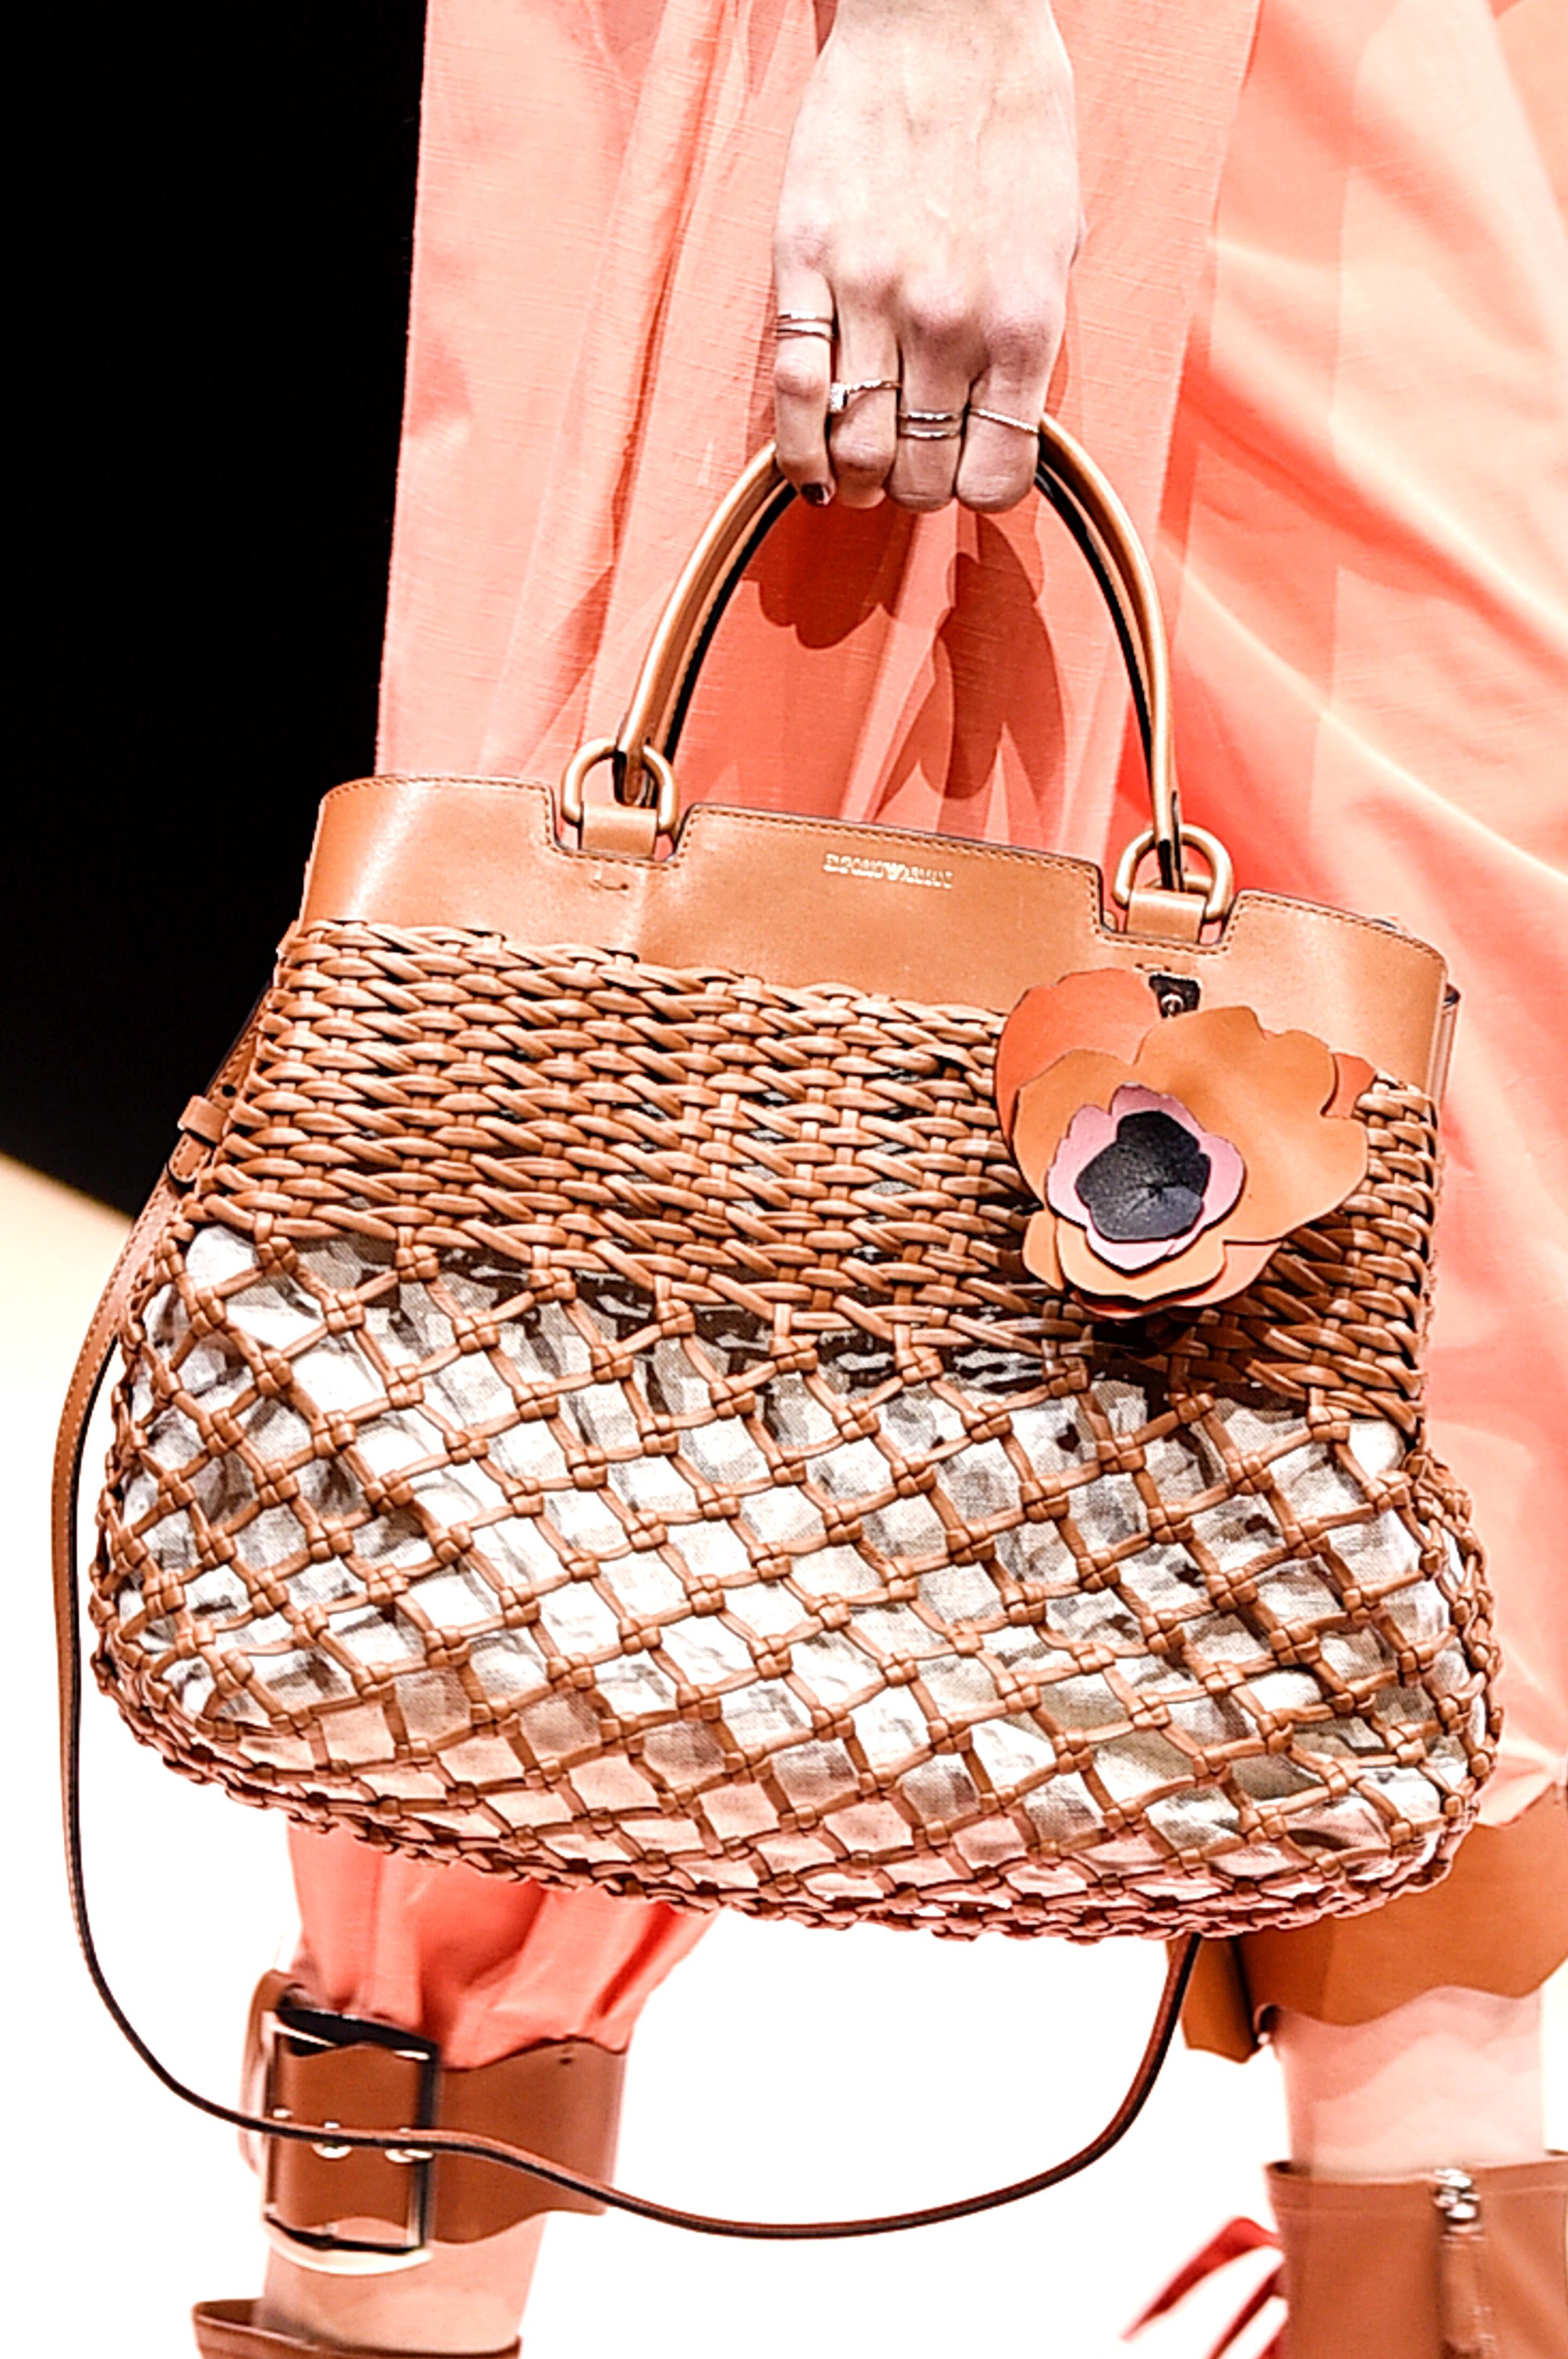 Milan Fashion Week Spring/Summer: Eine sommerliche Netztasche in der Show von Emporio Armani (ddp images)